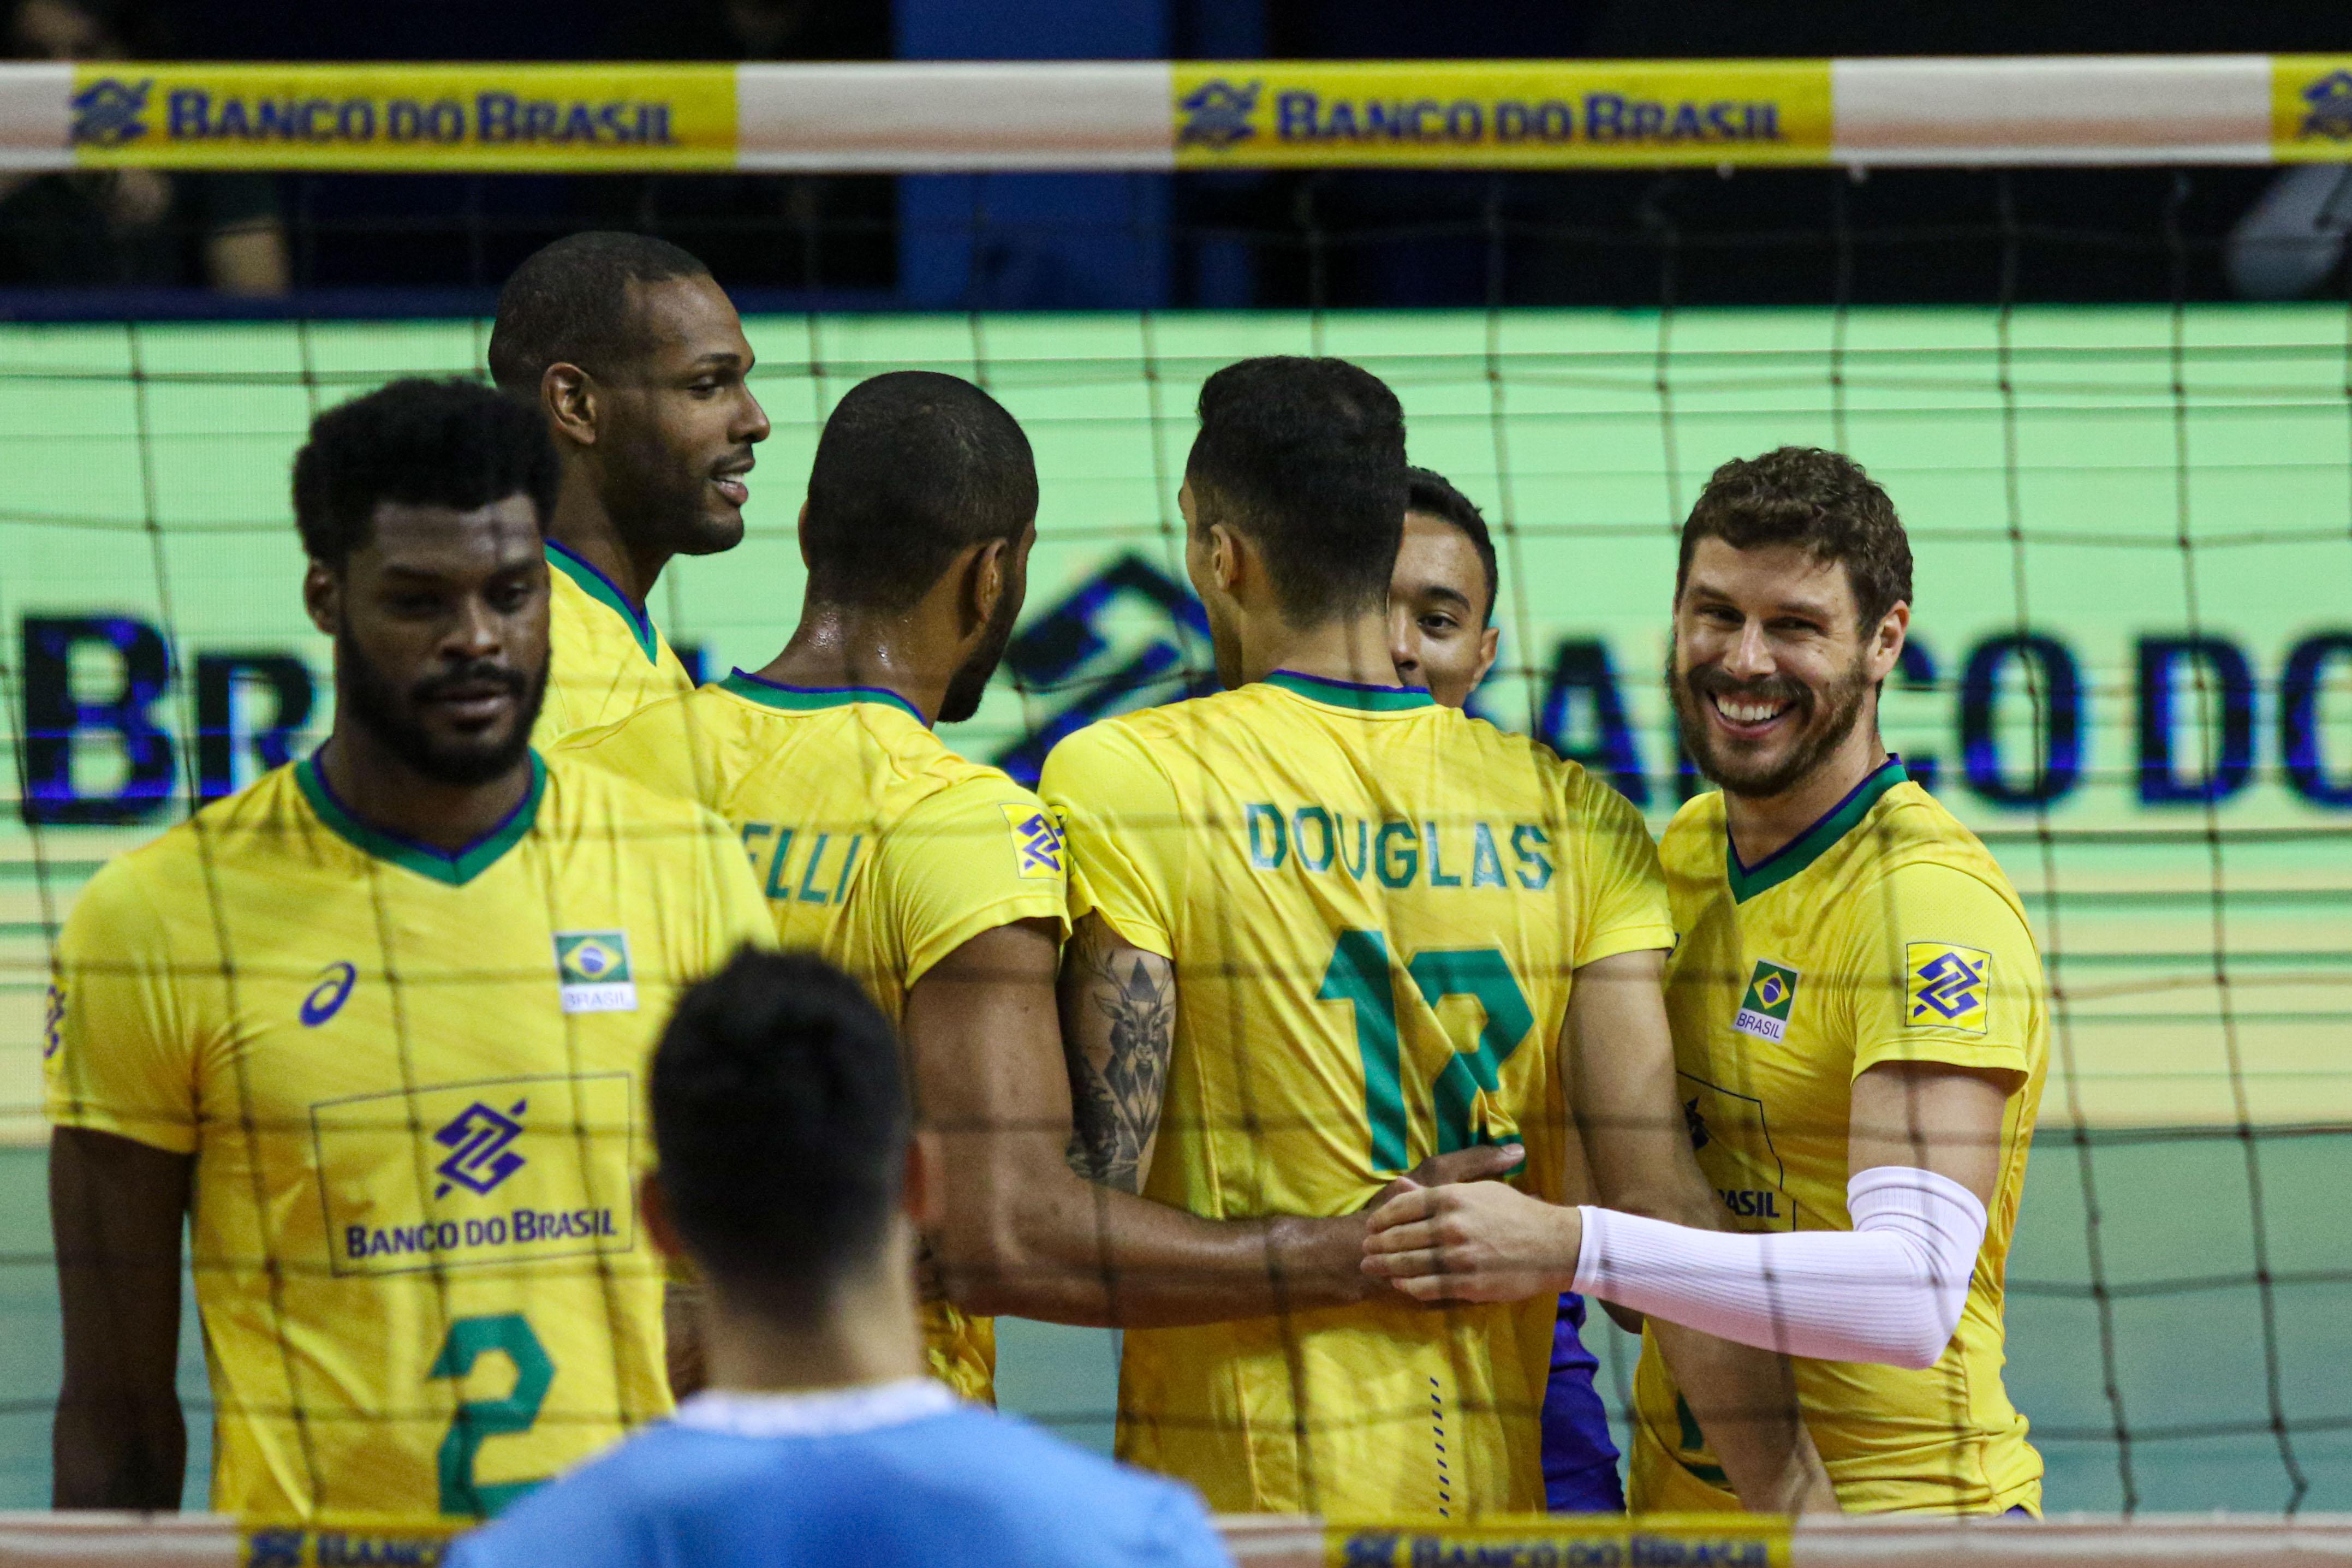 Brasil vence mais uma e encerra a série com três vitórias